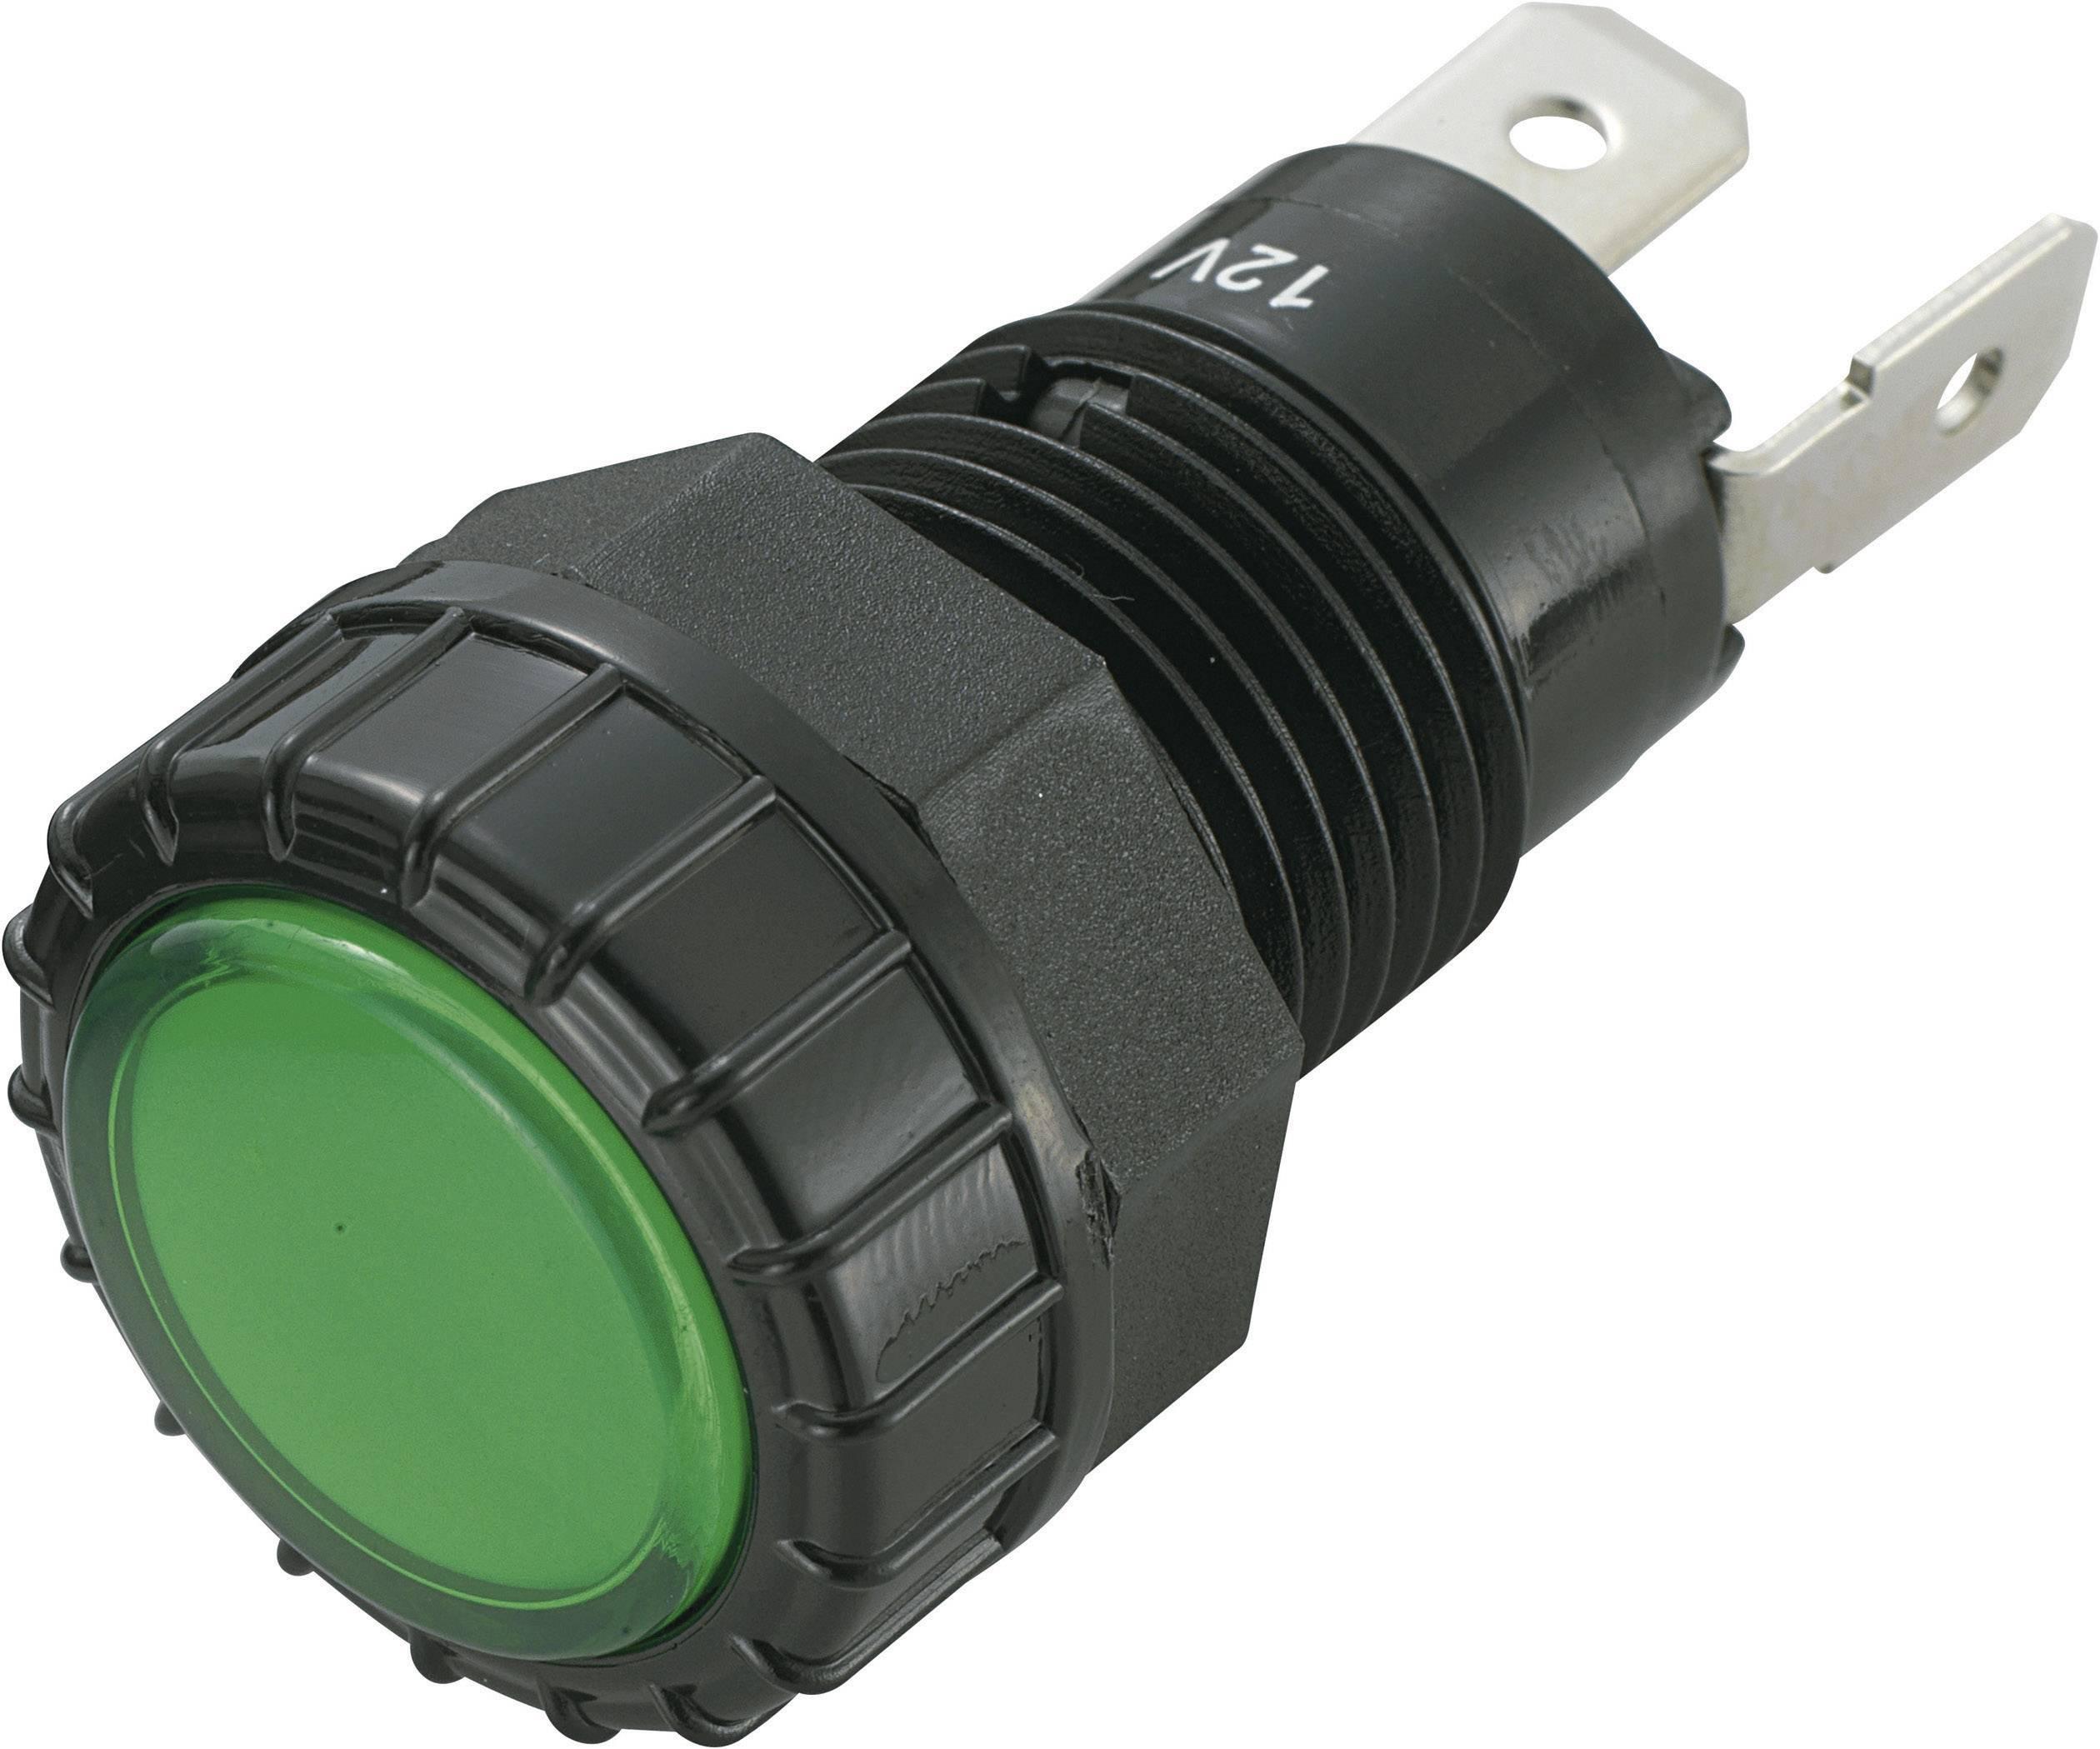 LED signálka SCI R9-122L1-01-BGG4, 12 V/DC, zelená